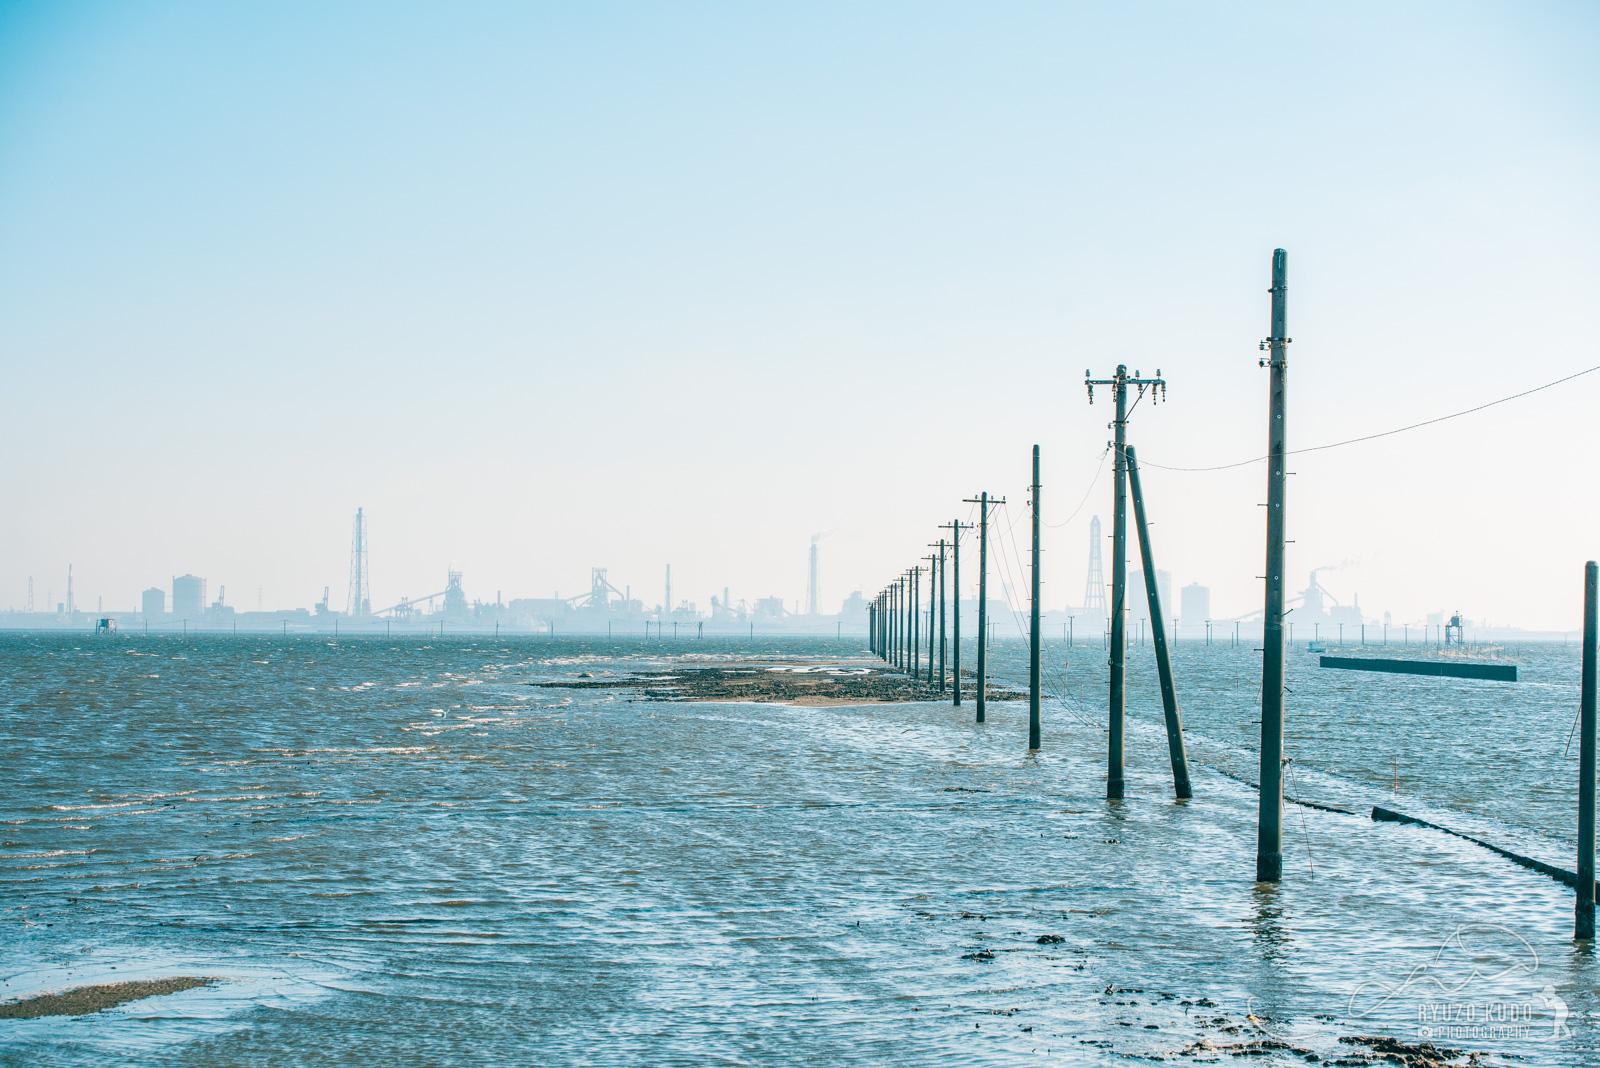 海と工場群へ続く幻想的な電信柱に興奮、千葉木更津の江川海岸